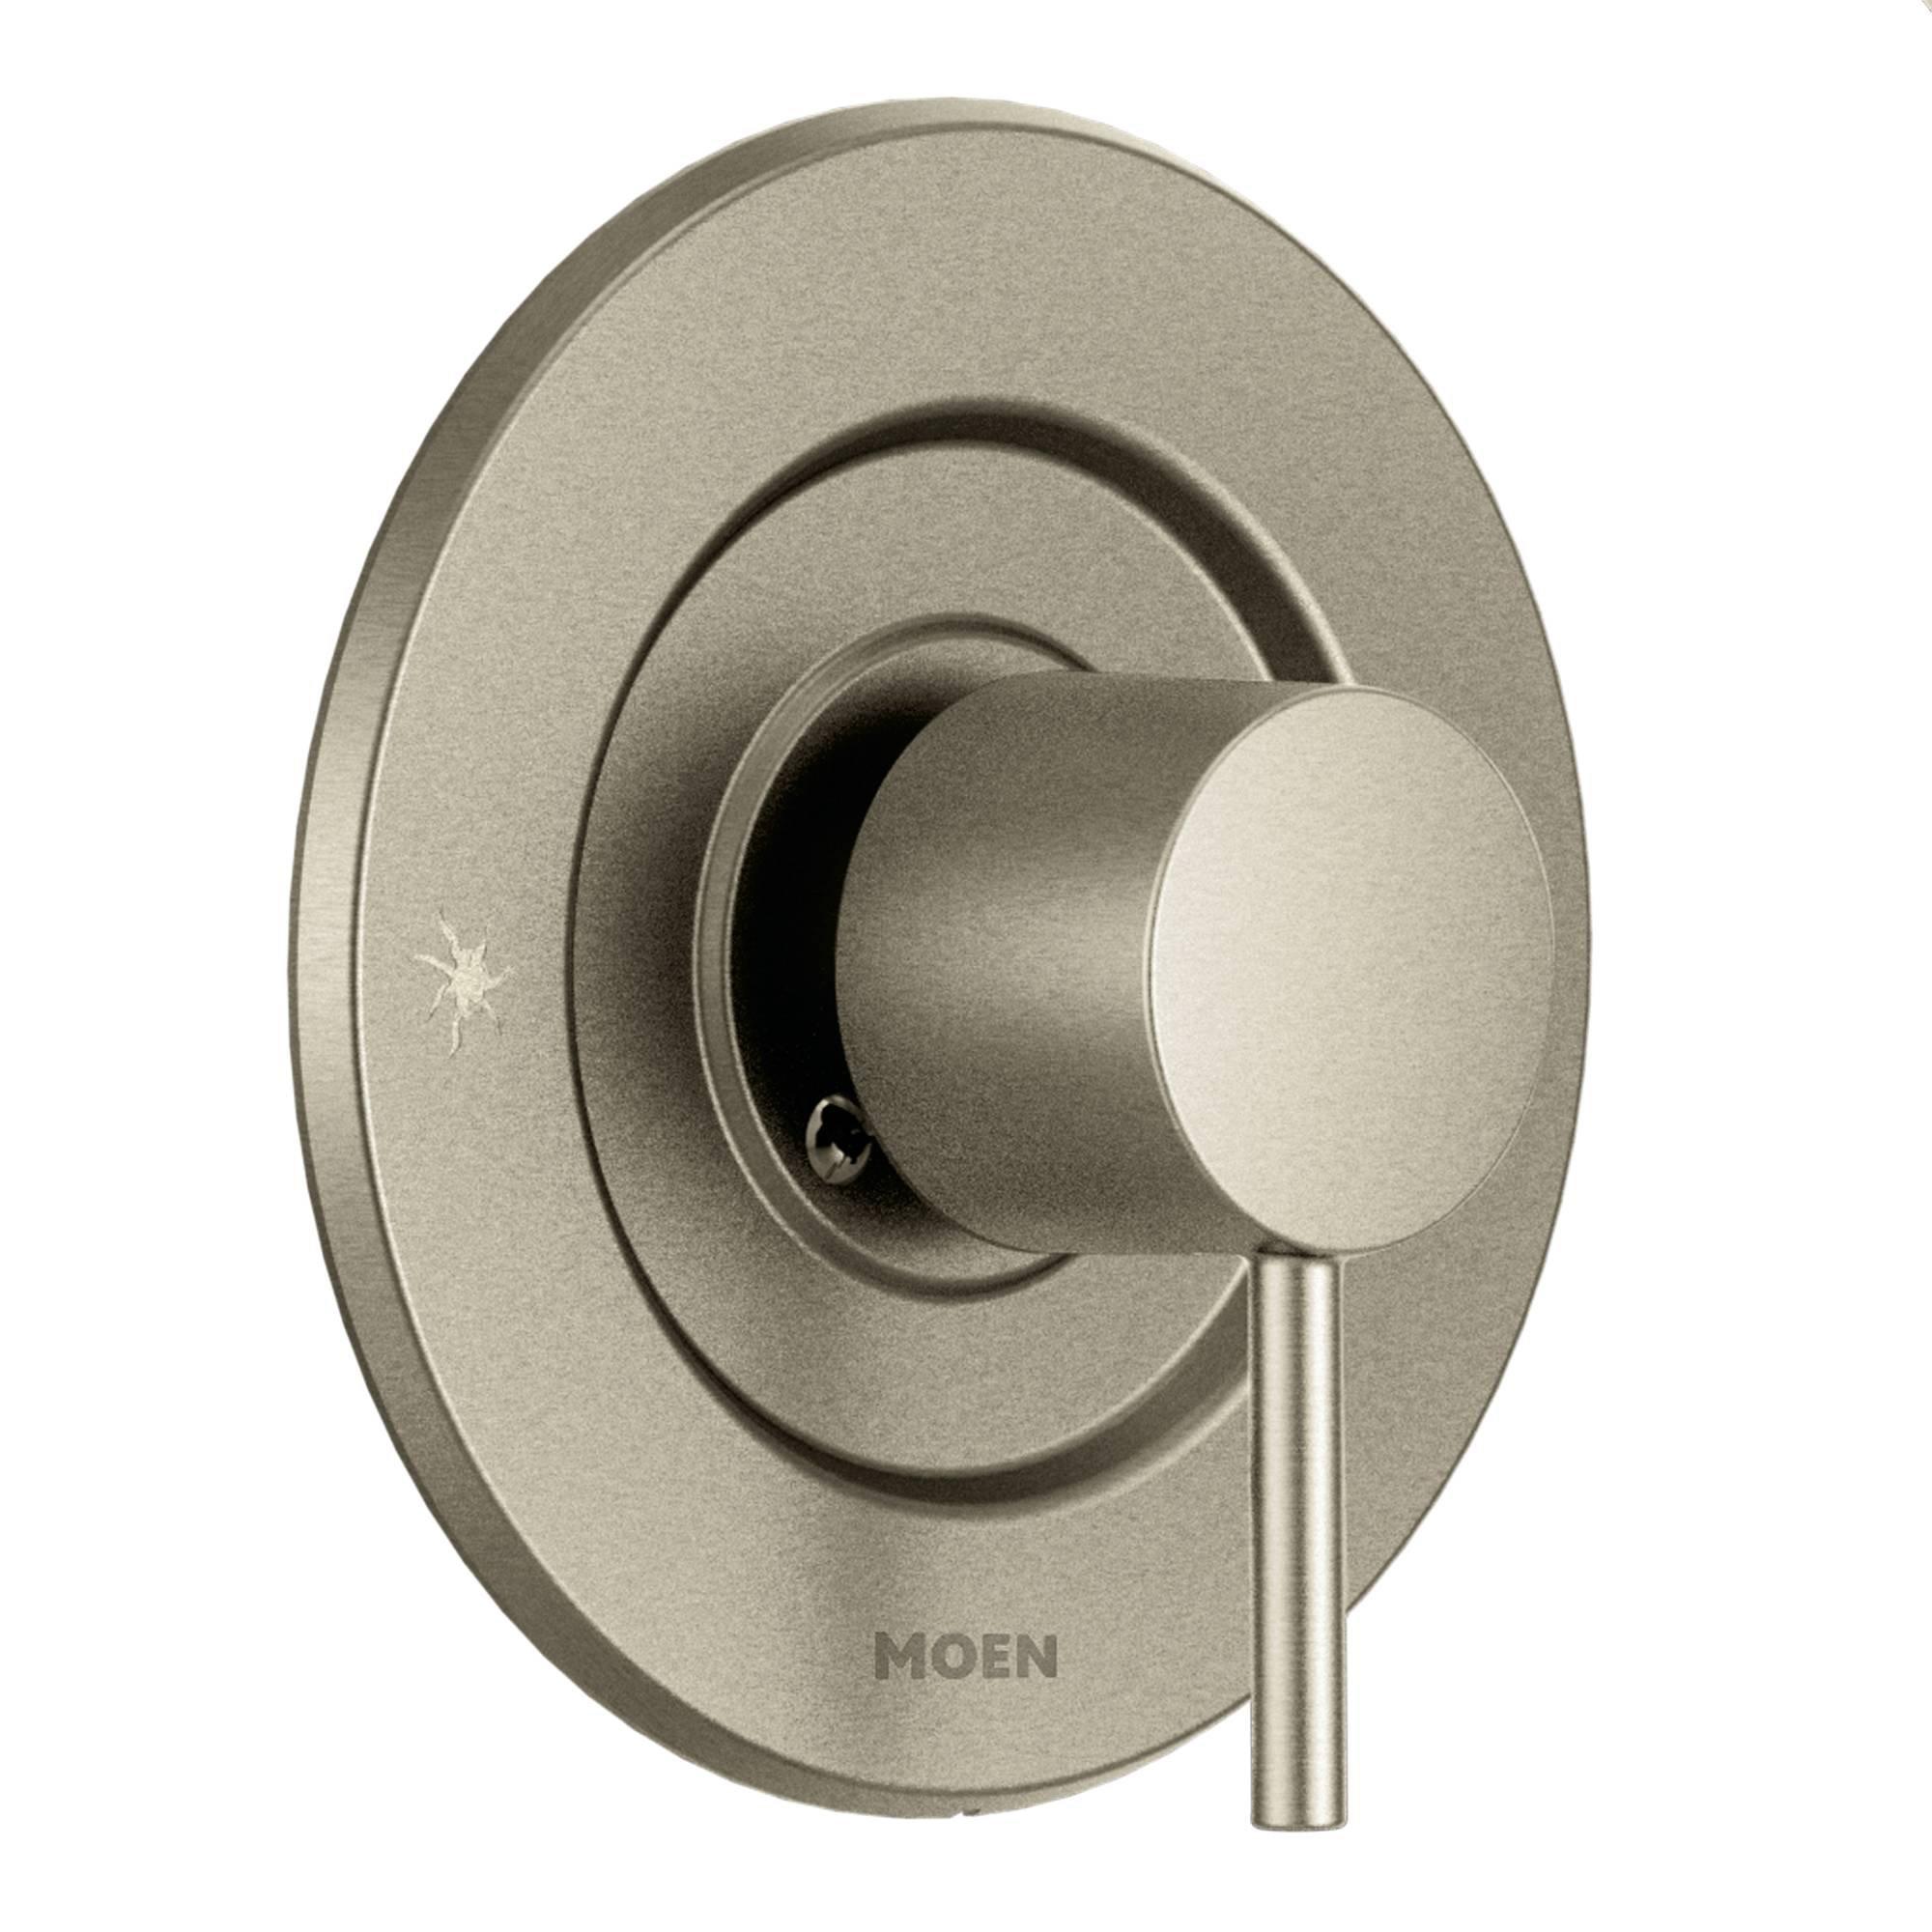 Moen T2191BN Align PosiTemp Tub/Shower Valve Trim without Valve, Brushed Nickel